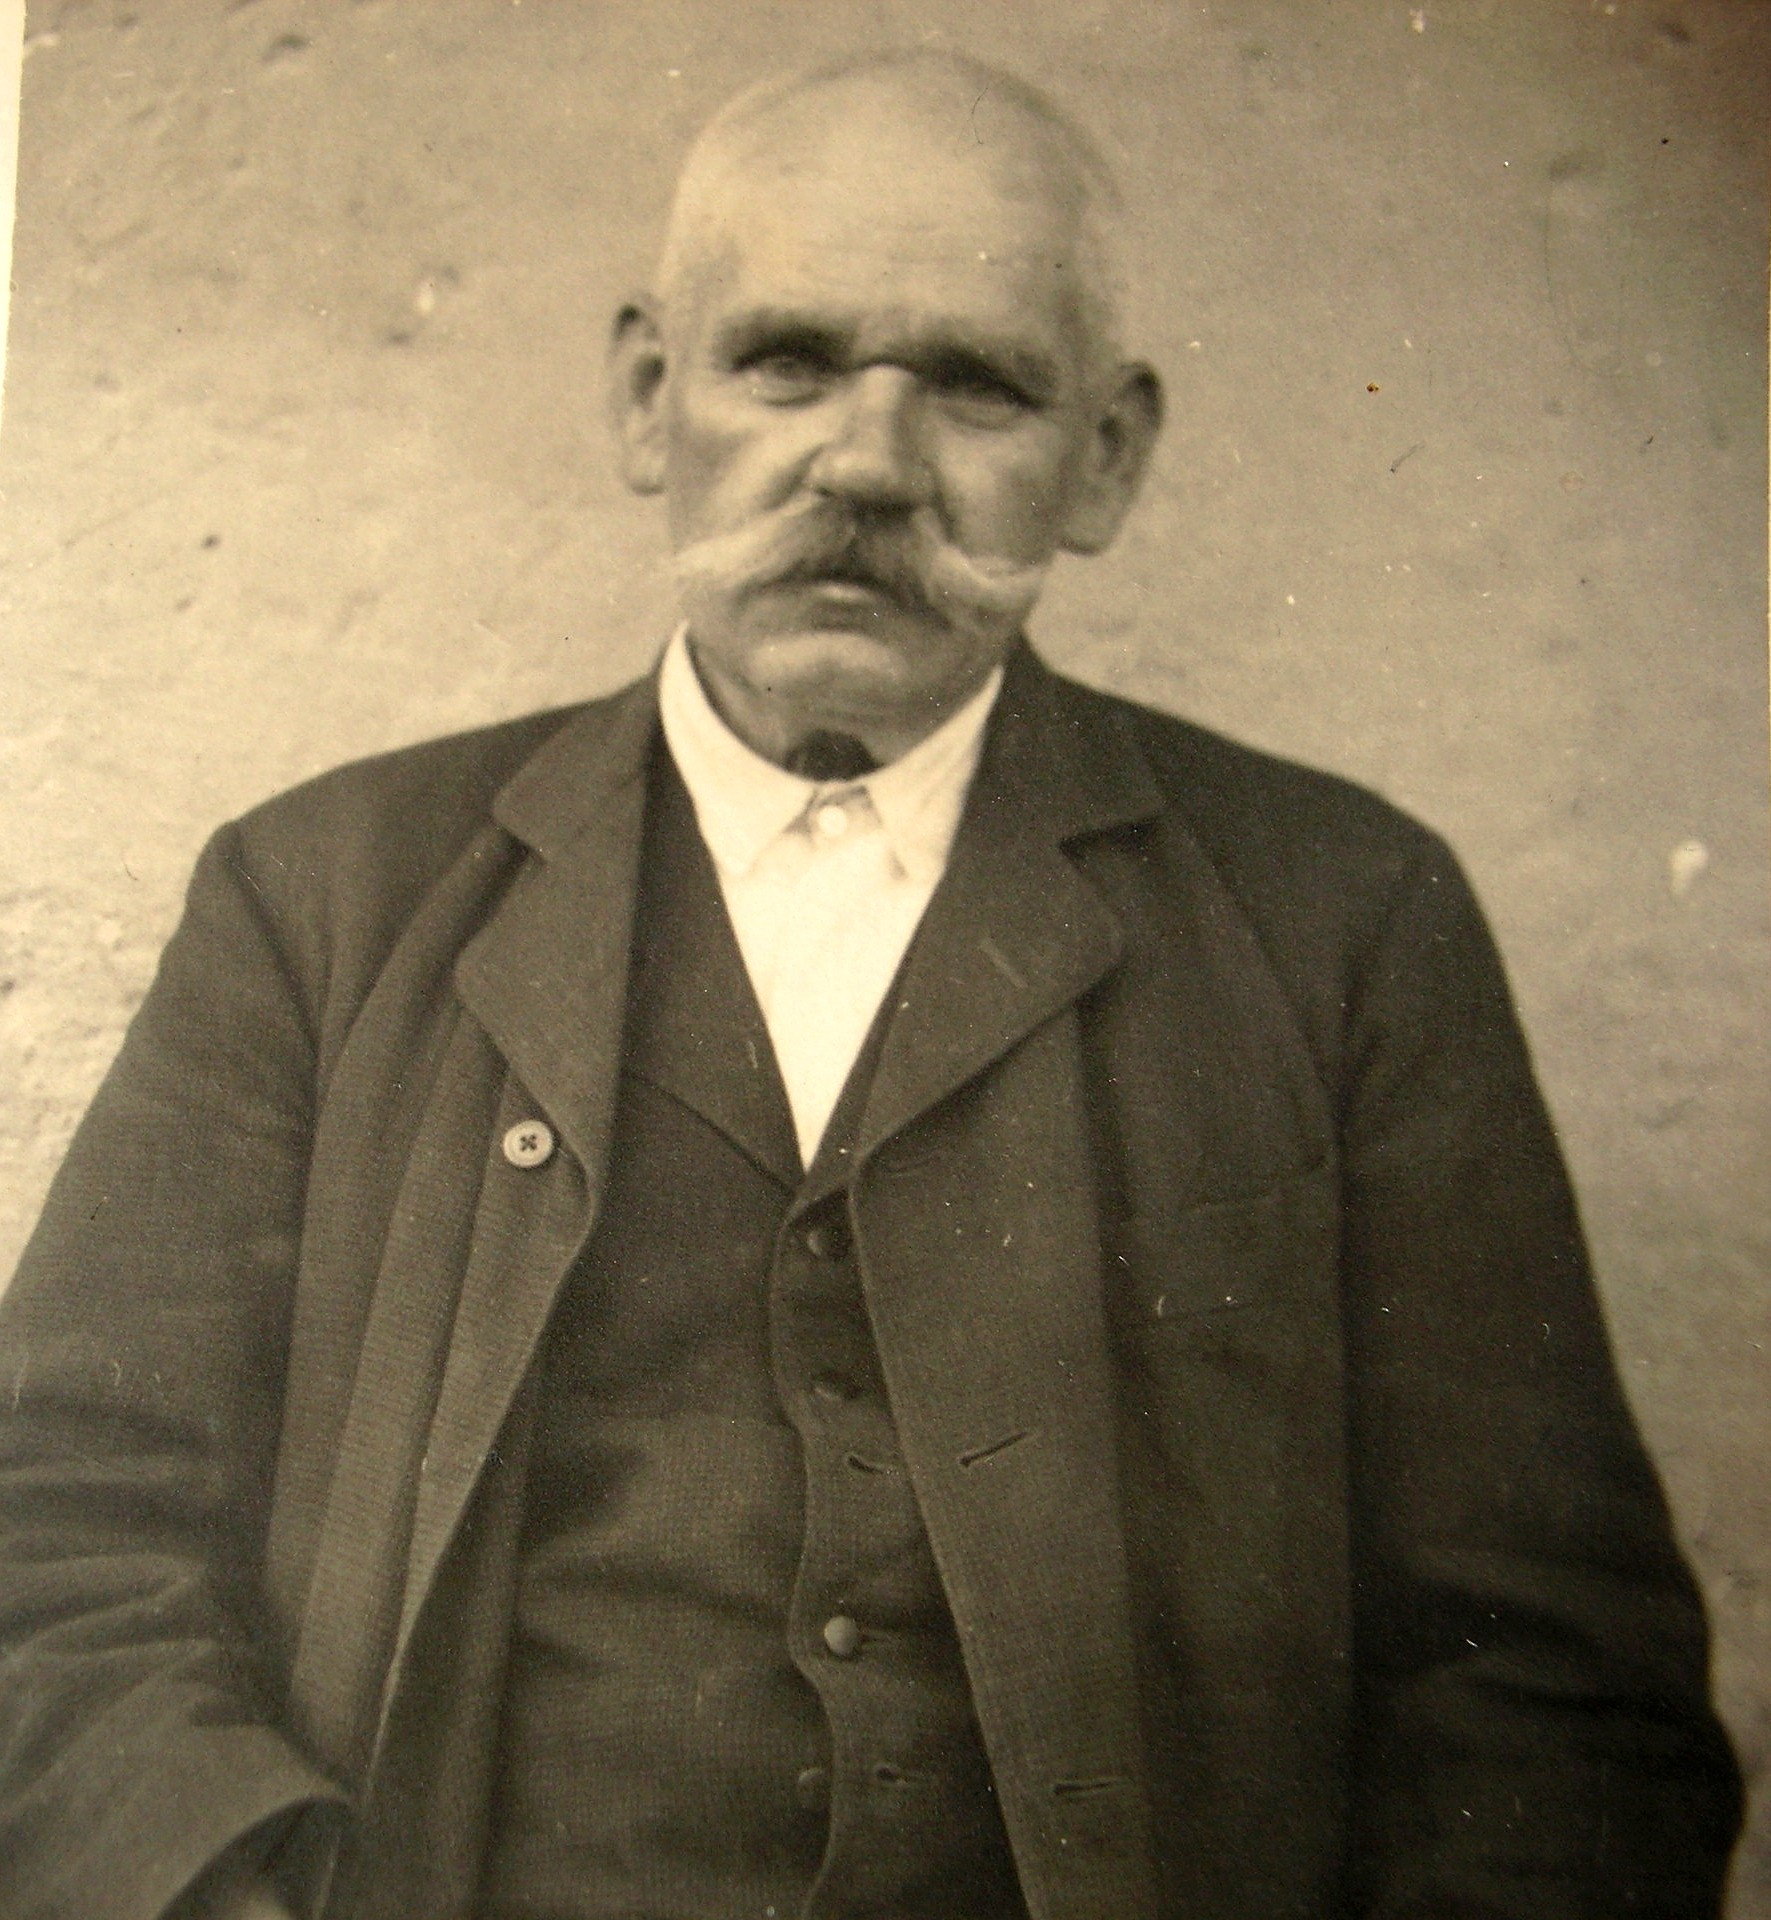 Samuel Pellionis 27.6.1870 + 12.7.1953